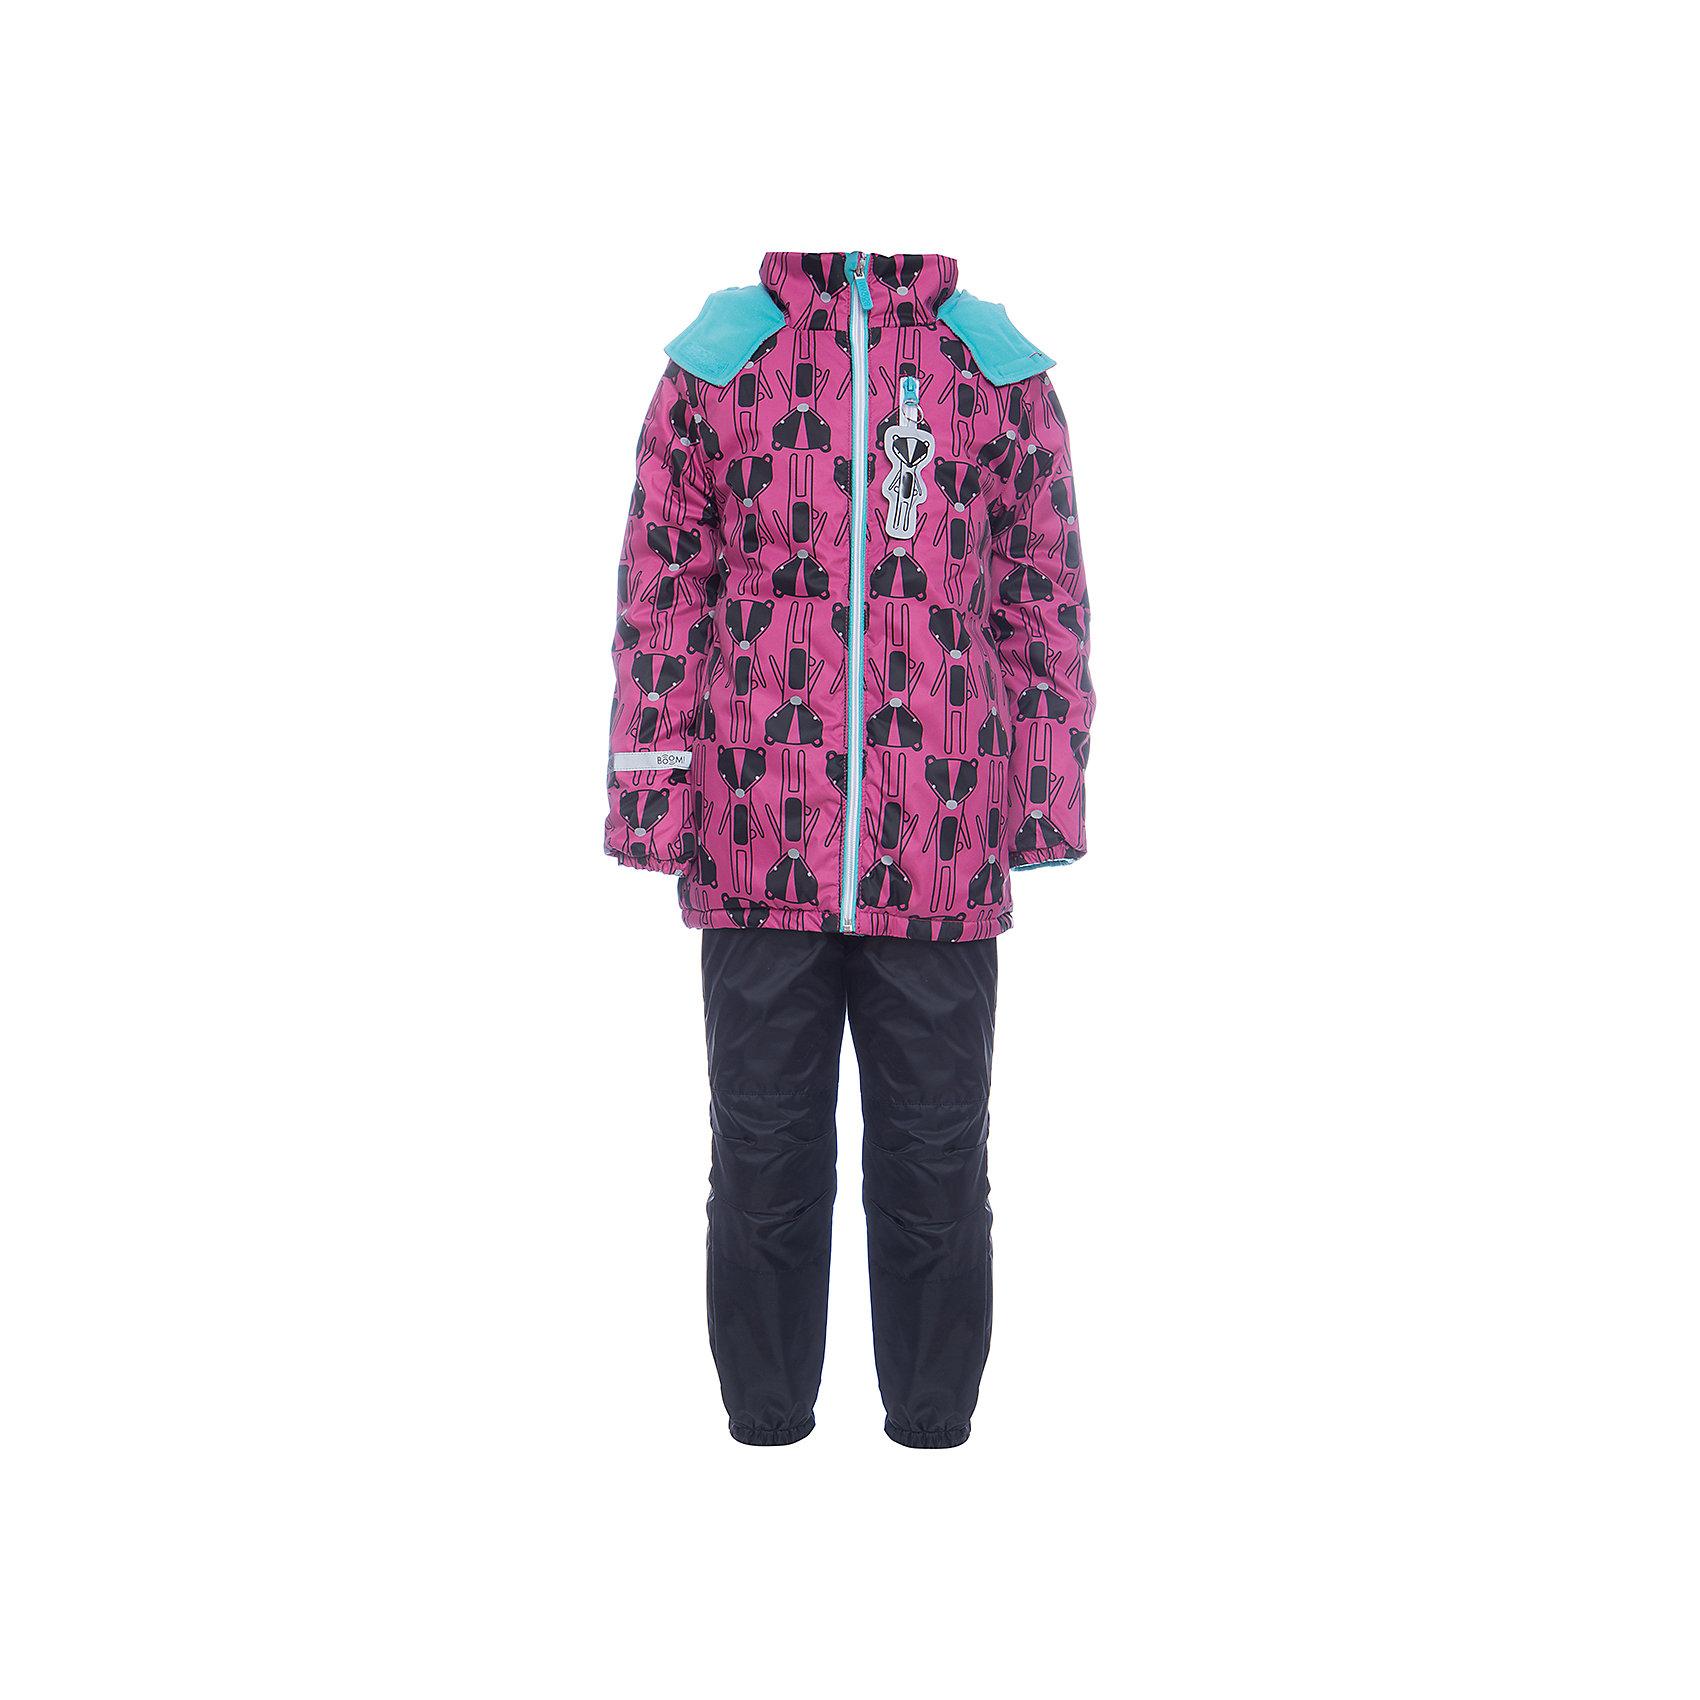 Комплект: куртка и брюки BOOM by Orby для девочкиВерхняя одежда<br>КУРТКА:<br>Ткань верха:<br>Нейлон с мембранным покрытием принт 3000*3000; <br>Подкладка:<br>Поларфлис; ПЭ пуходержащий;<br>Утеплитель:<br>FiberSoft 150 г/м2<br>БРЮКИ:<br>Ткань верха:<br>Нейлон с мембранным покрытием 3000*3000<br>Подкладка:<br>Поларфлис<br>Состав:<br>100% полиэстер<br><br>Ширина мм: 356<br>Глубина мм: 10<br>Высота мм: 245<br>Вес г: 519<br>Цвет: розовый<br>Возраст от месяцев: 48<br>Возраст до месяцев: 60<br>Пол: Женский<br>Возраст: Детский<br>Размер: 110,116,122,104,86,92,98<br>SKU: 7007038